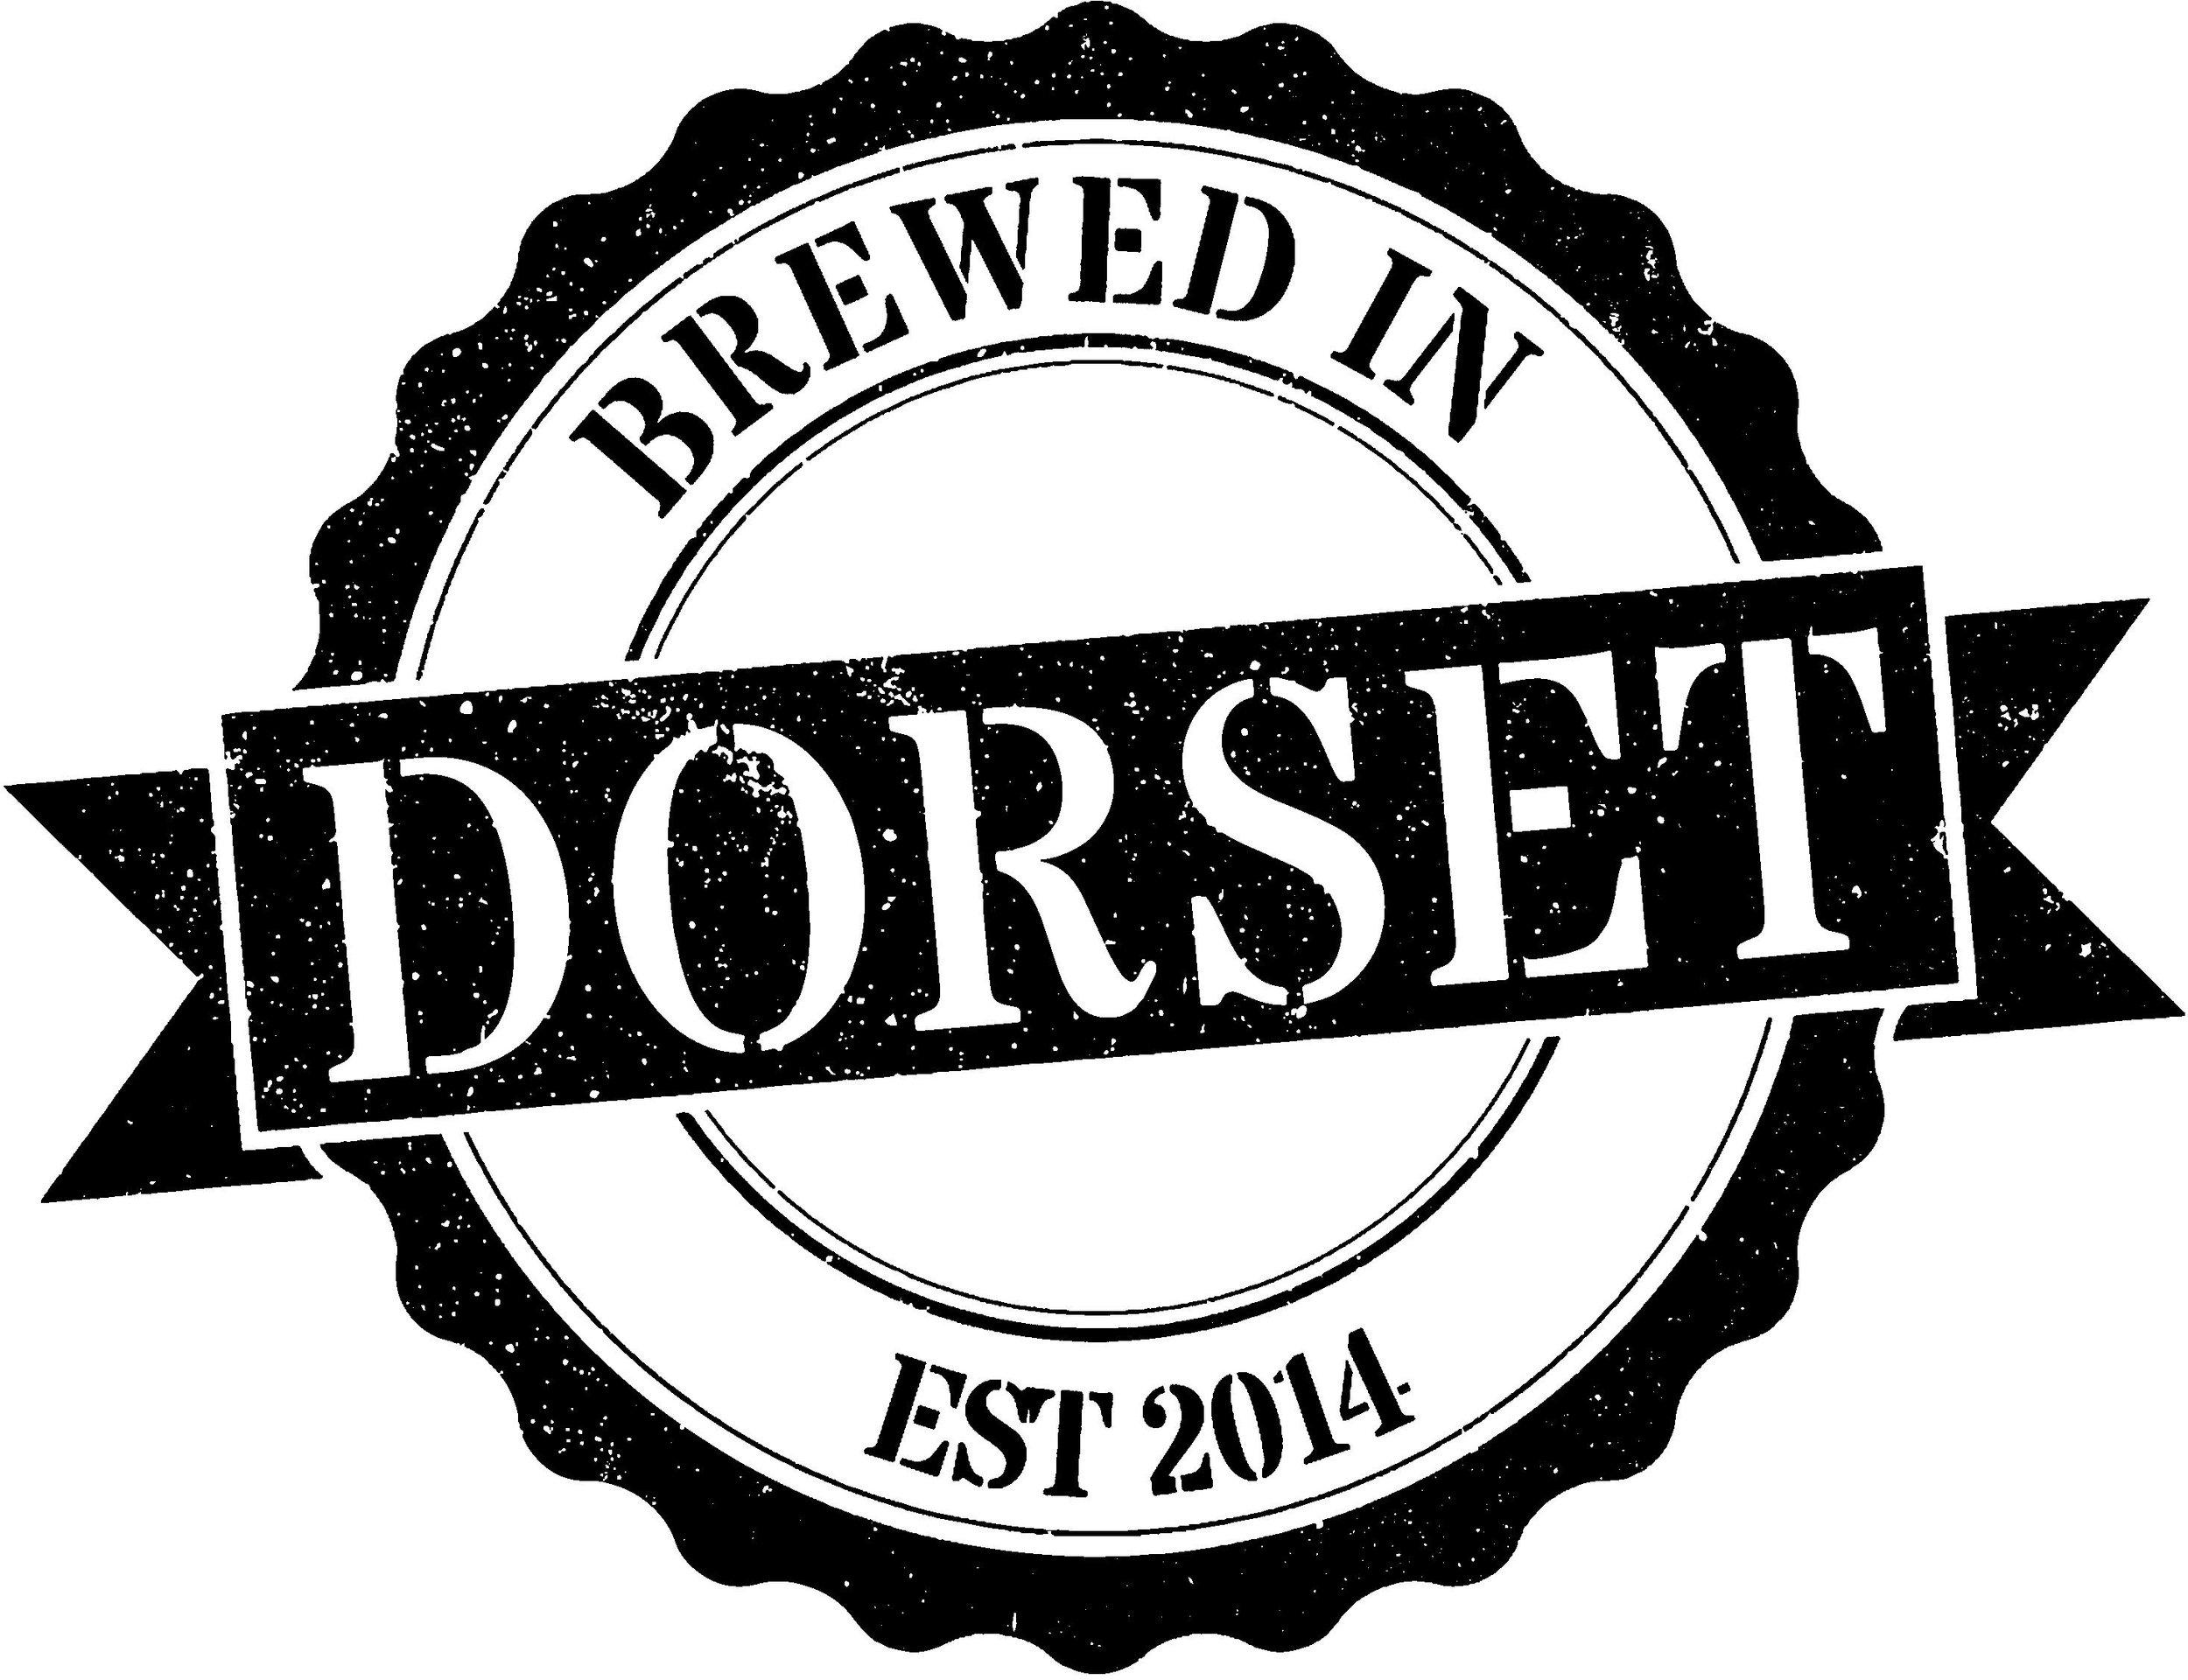 brewed in dorset